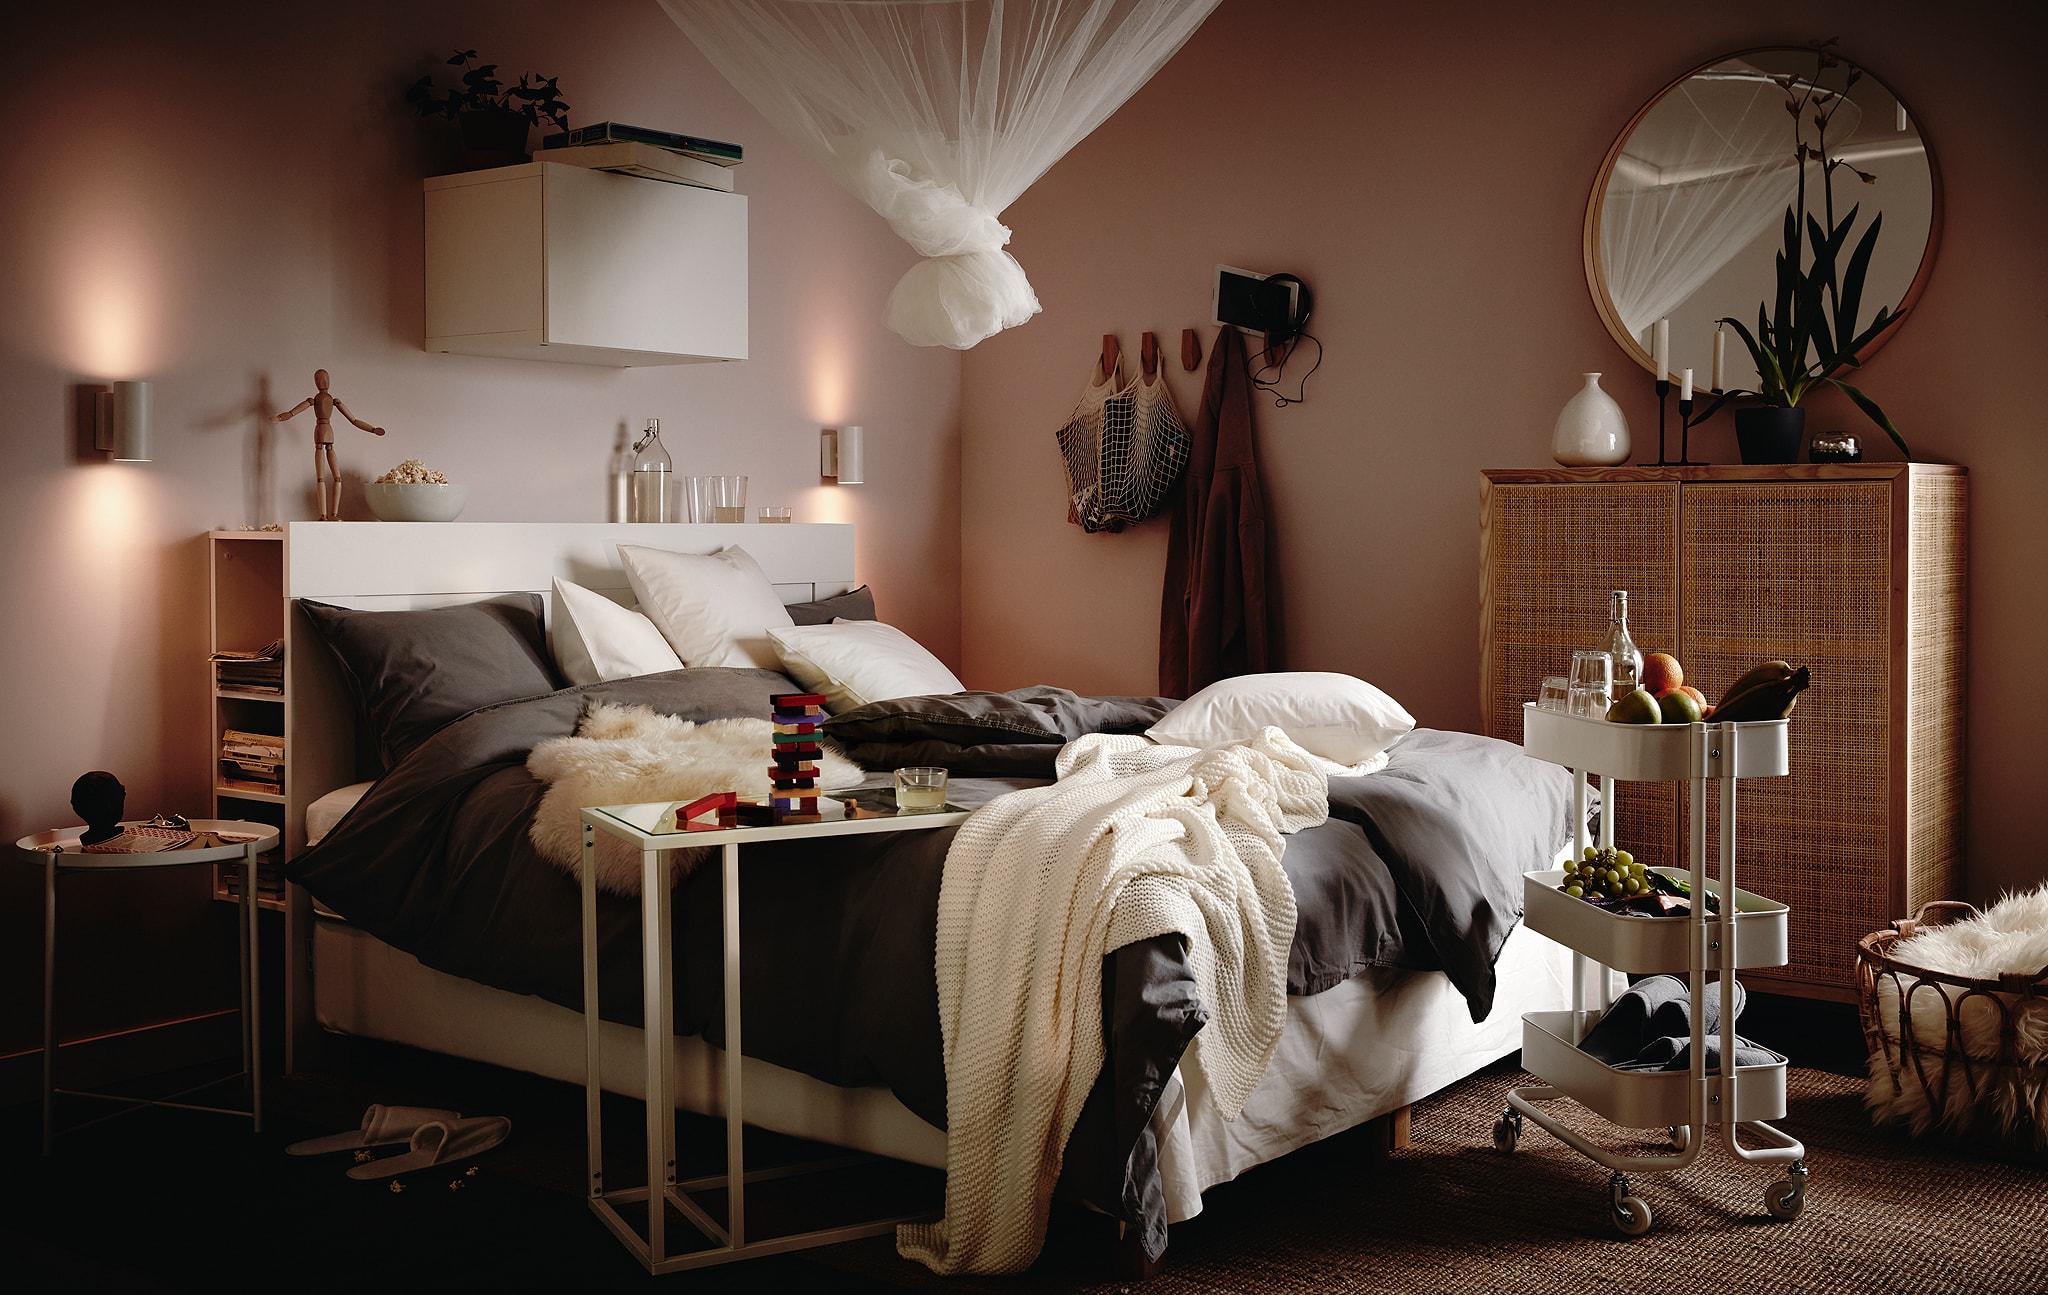 Ubah tempat tidur Anda menjadi tempat bersantai untuk keluarga